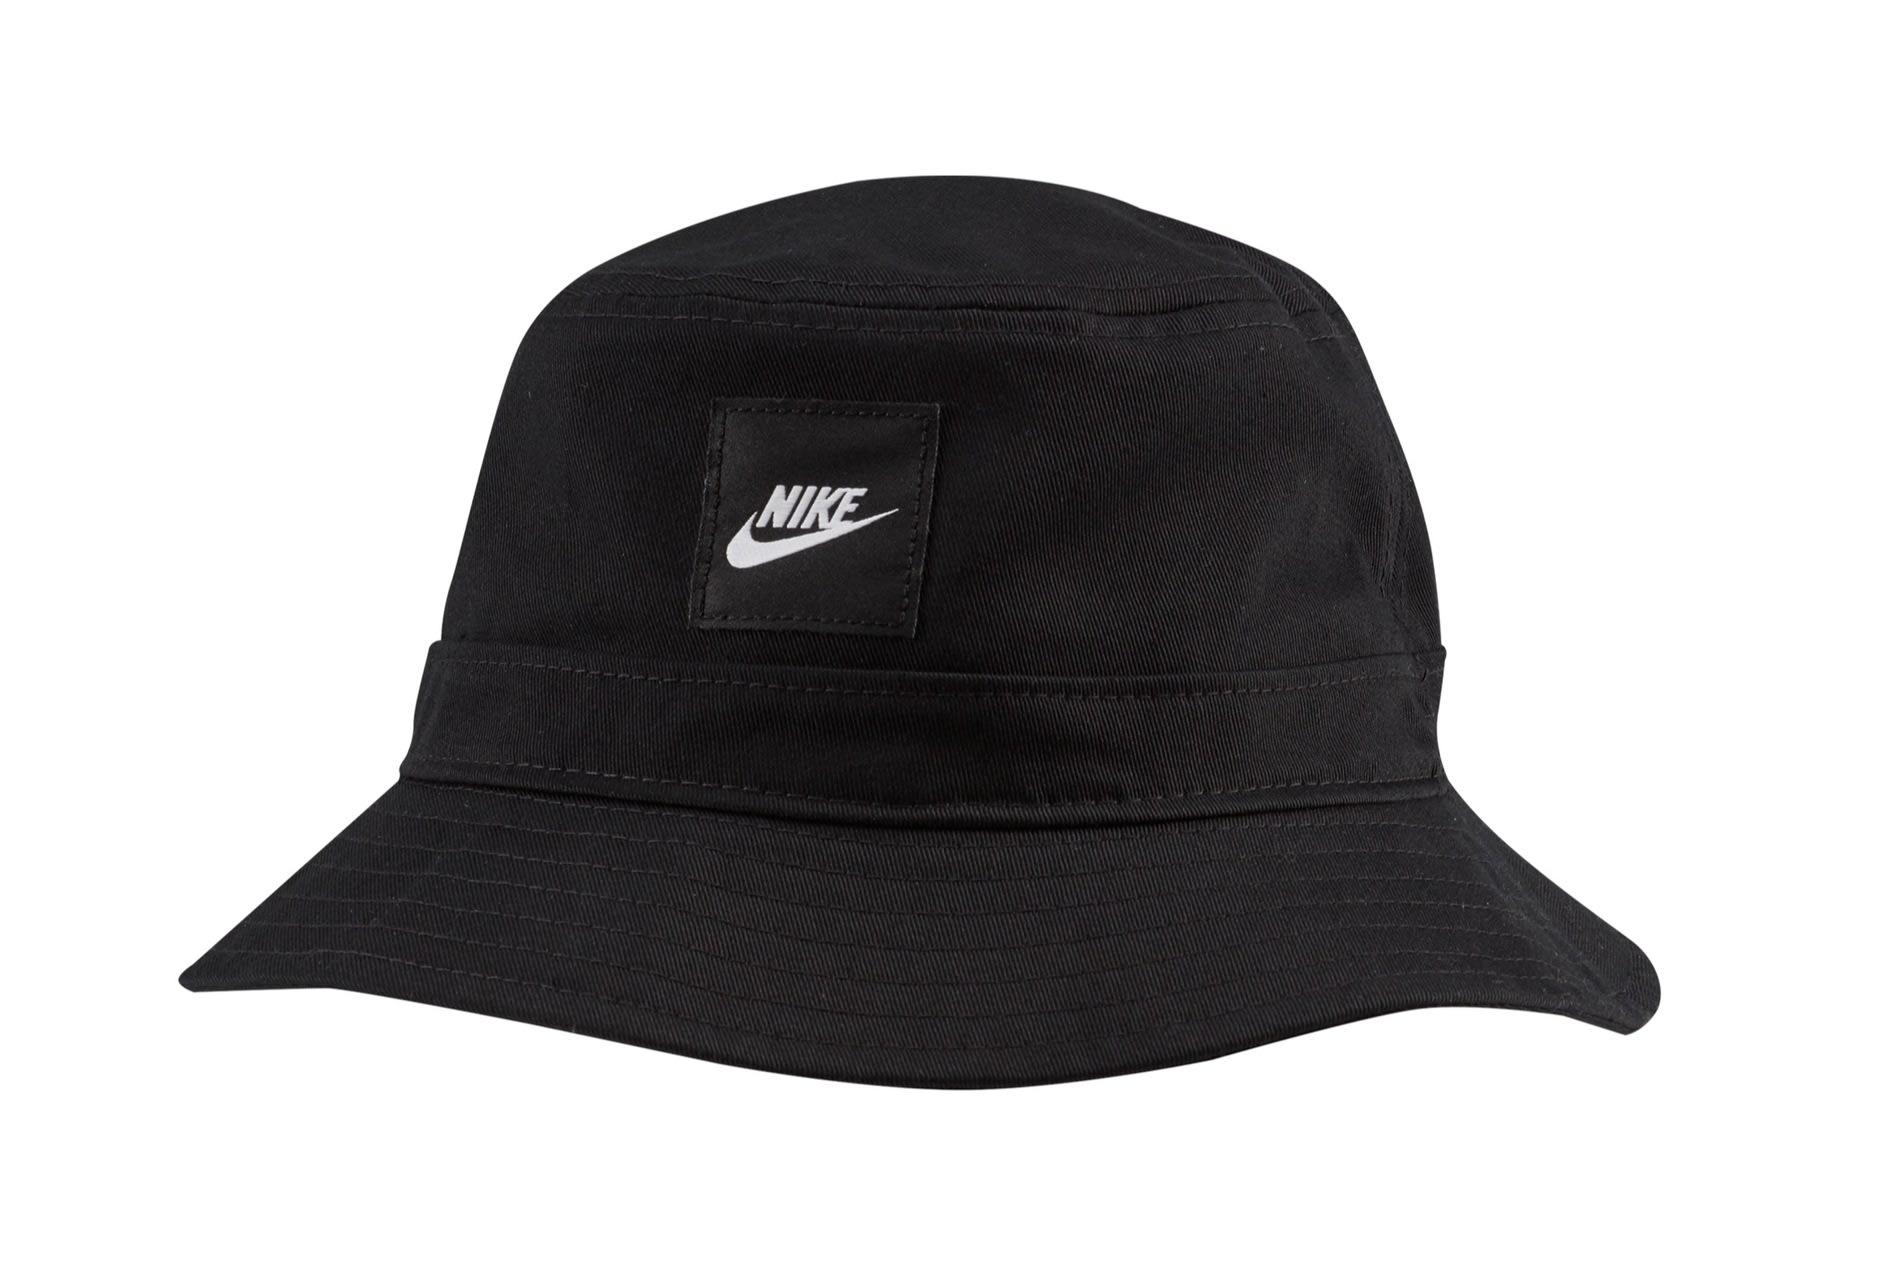 Nike Sportswear Bucket Hat - default